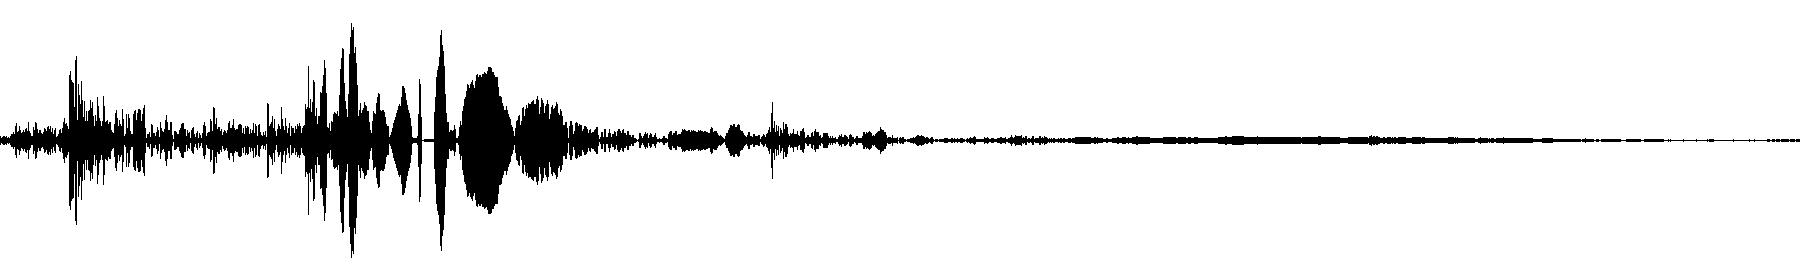 13858 6 wav